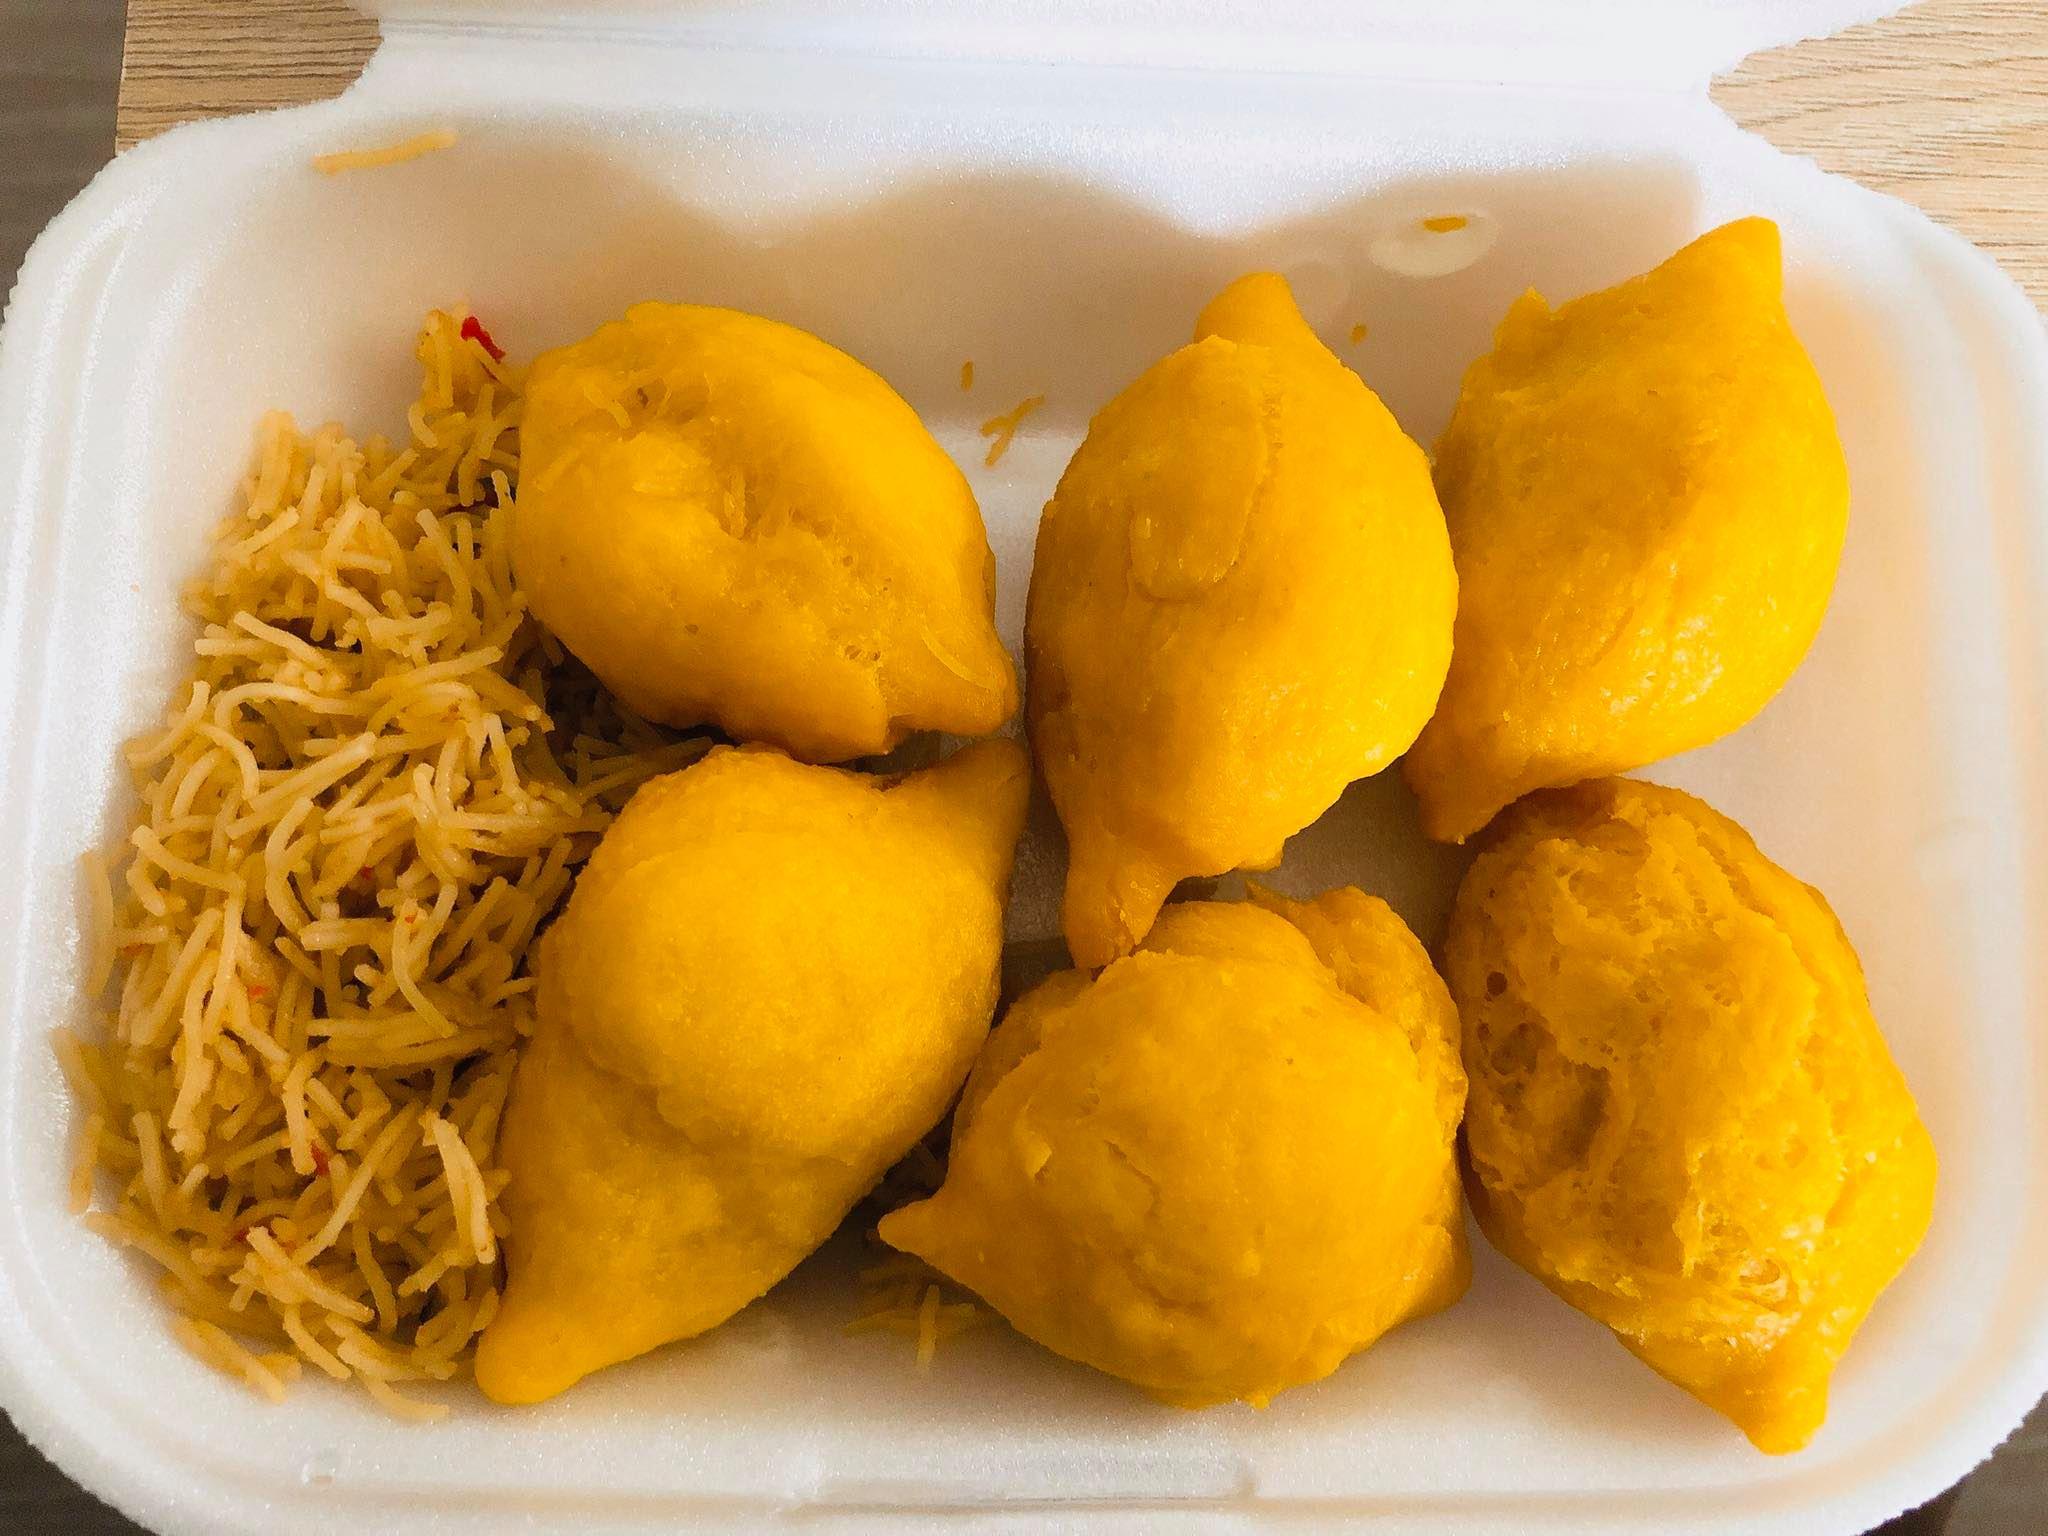 Aller-Retour Abidjan, le retour aux sources? serialfoodie, abidjan, cote d'ivoire, critique gastronomique